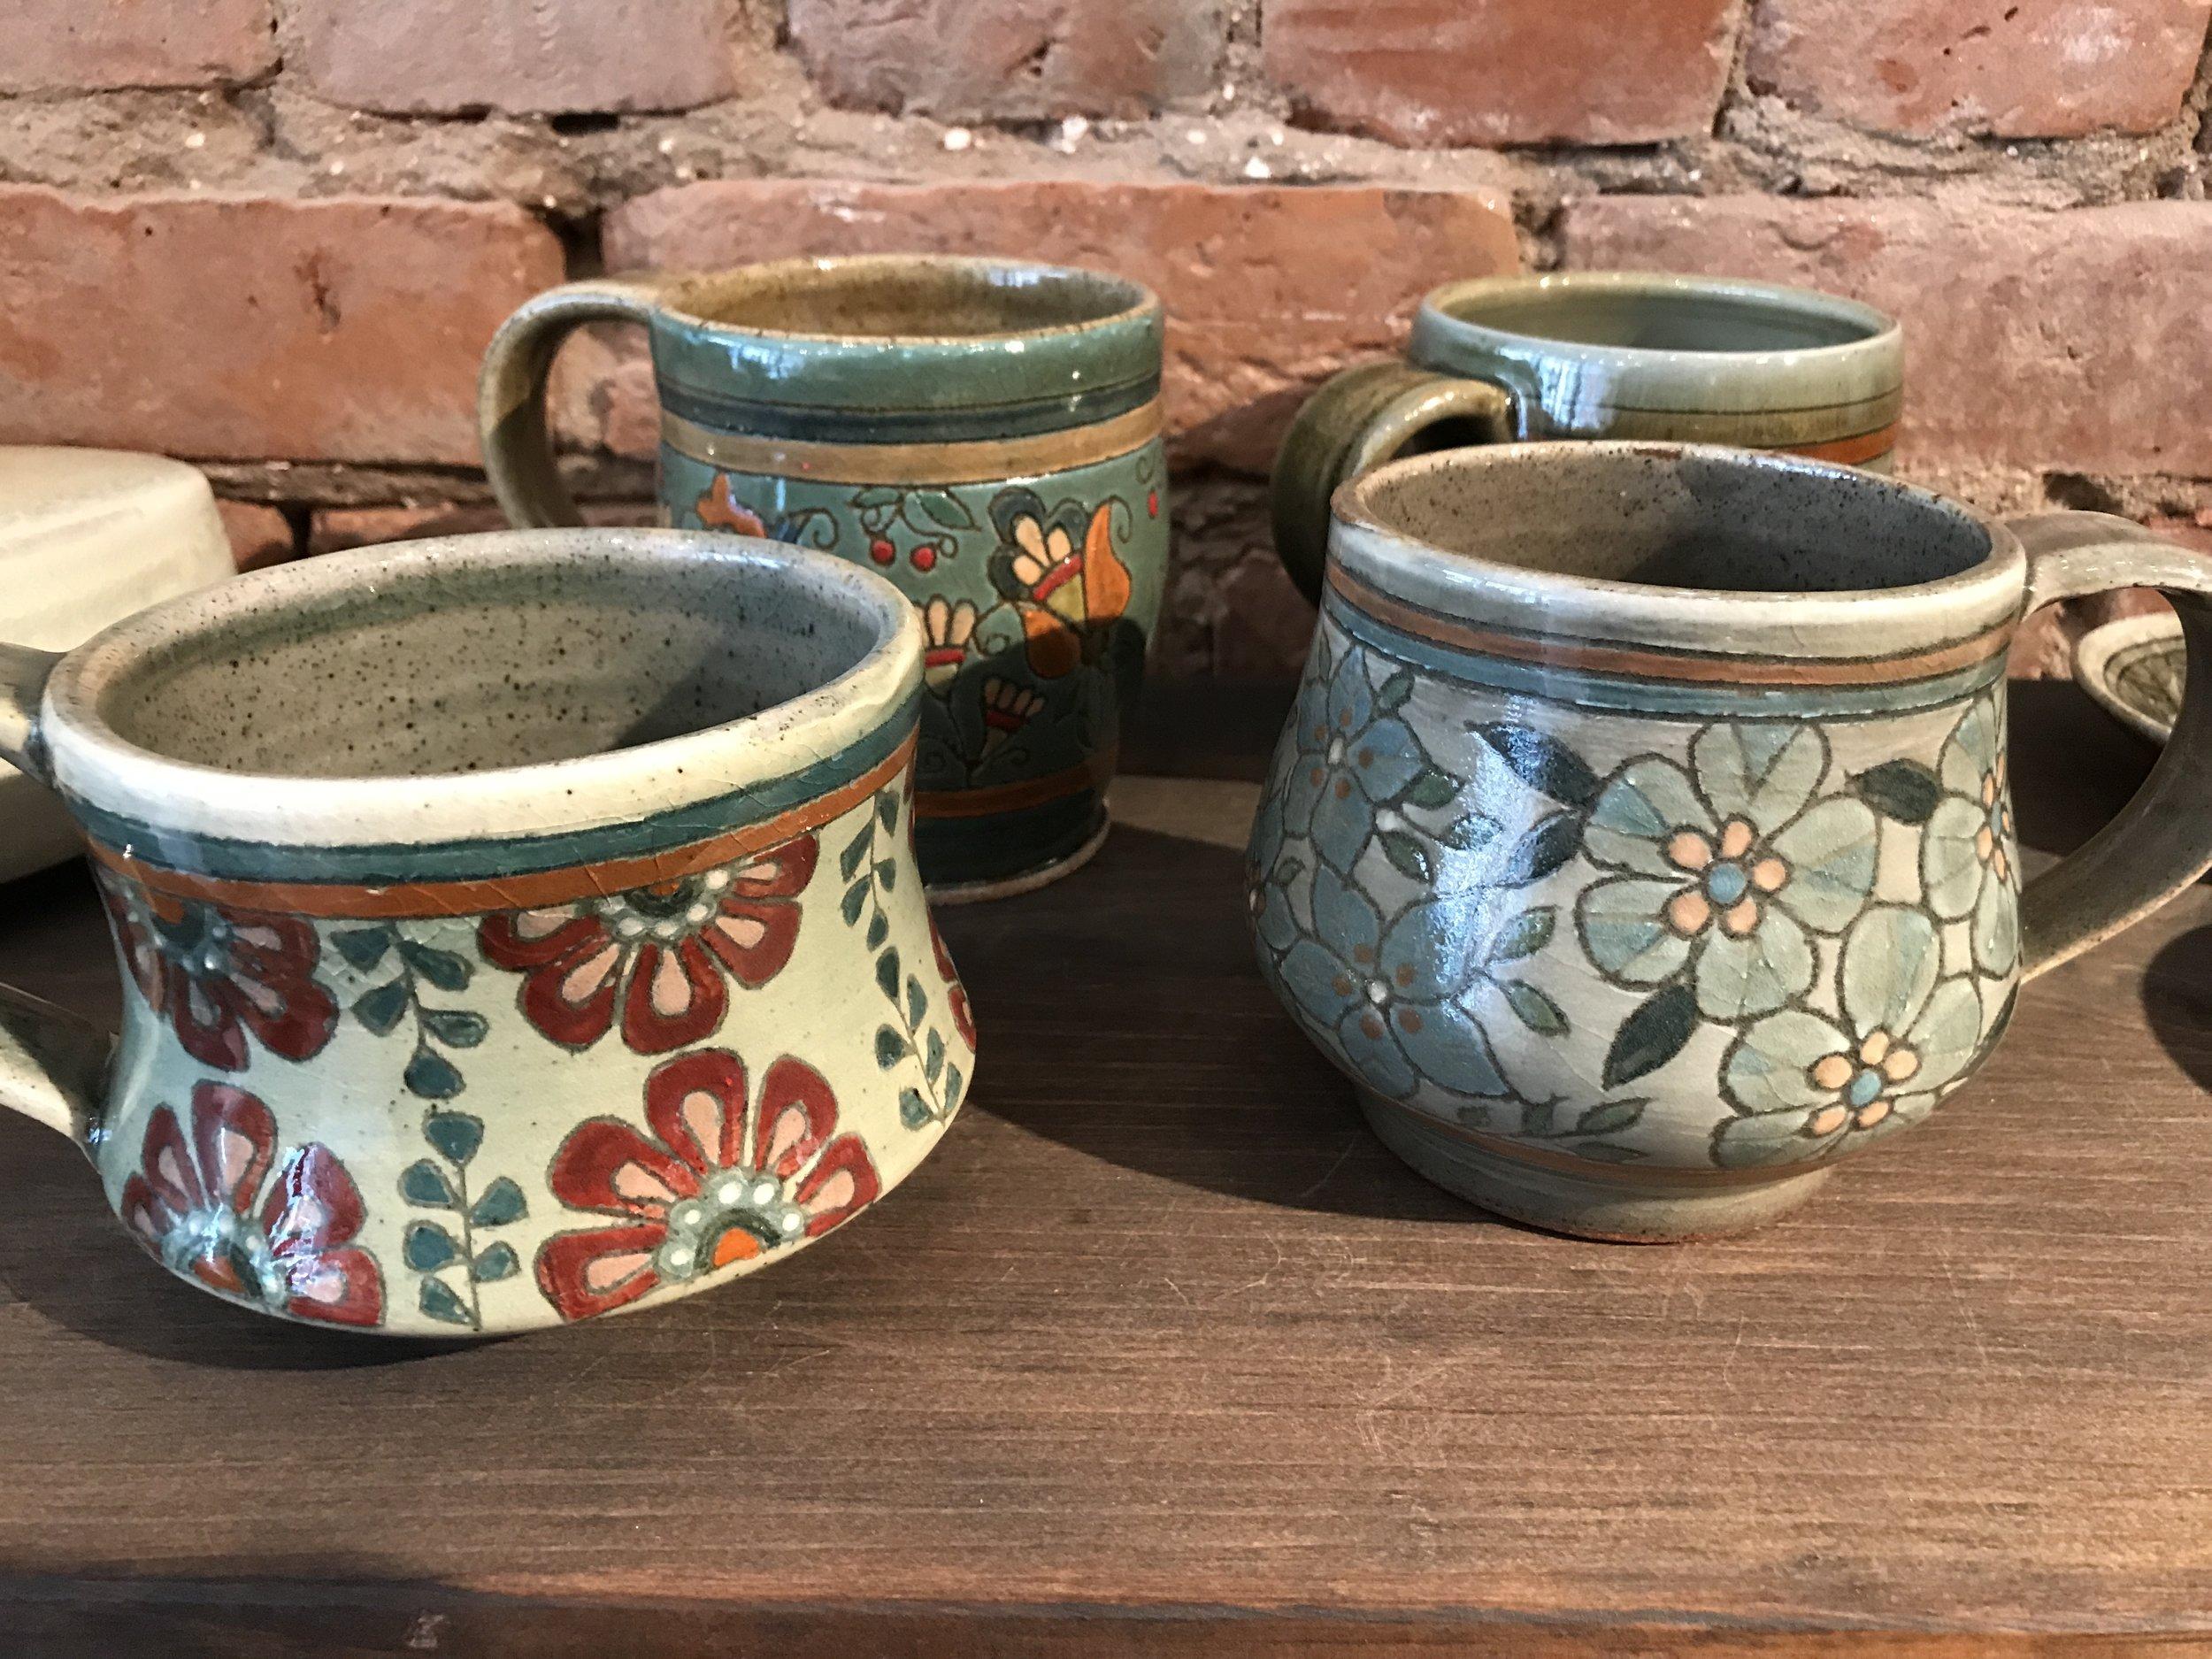 #21 amr mugs on bricks.JPG